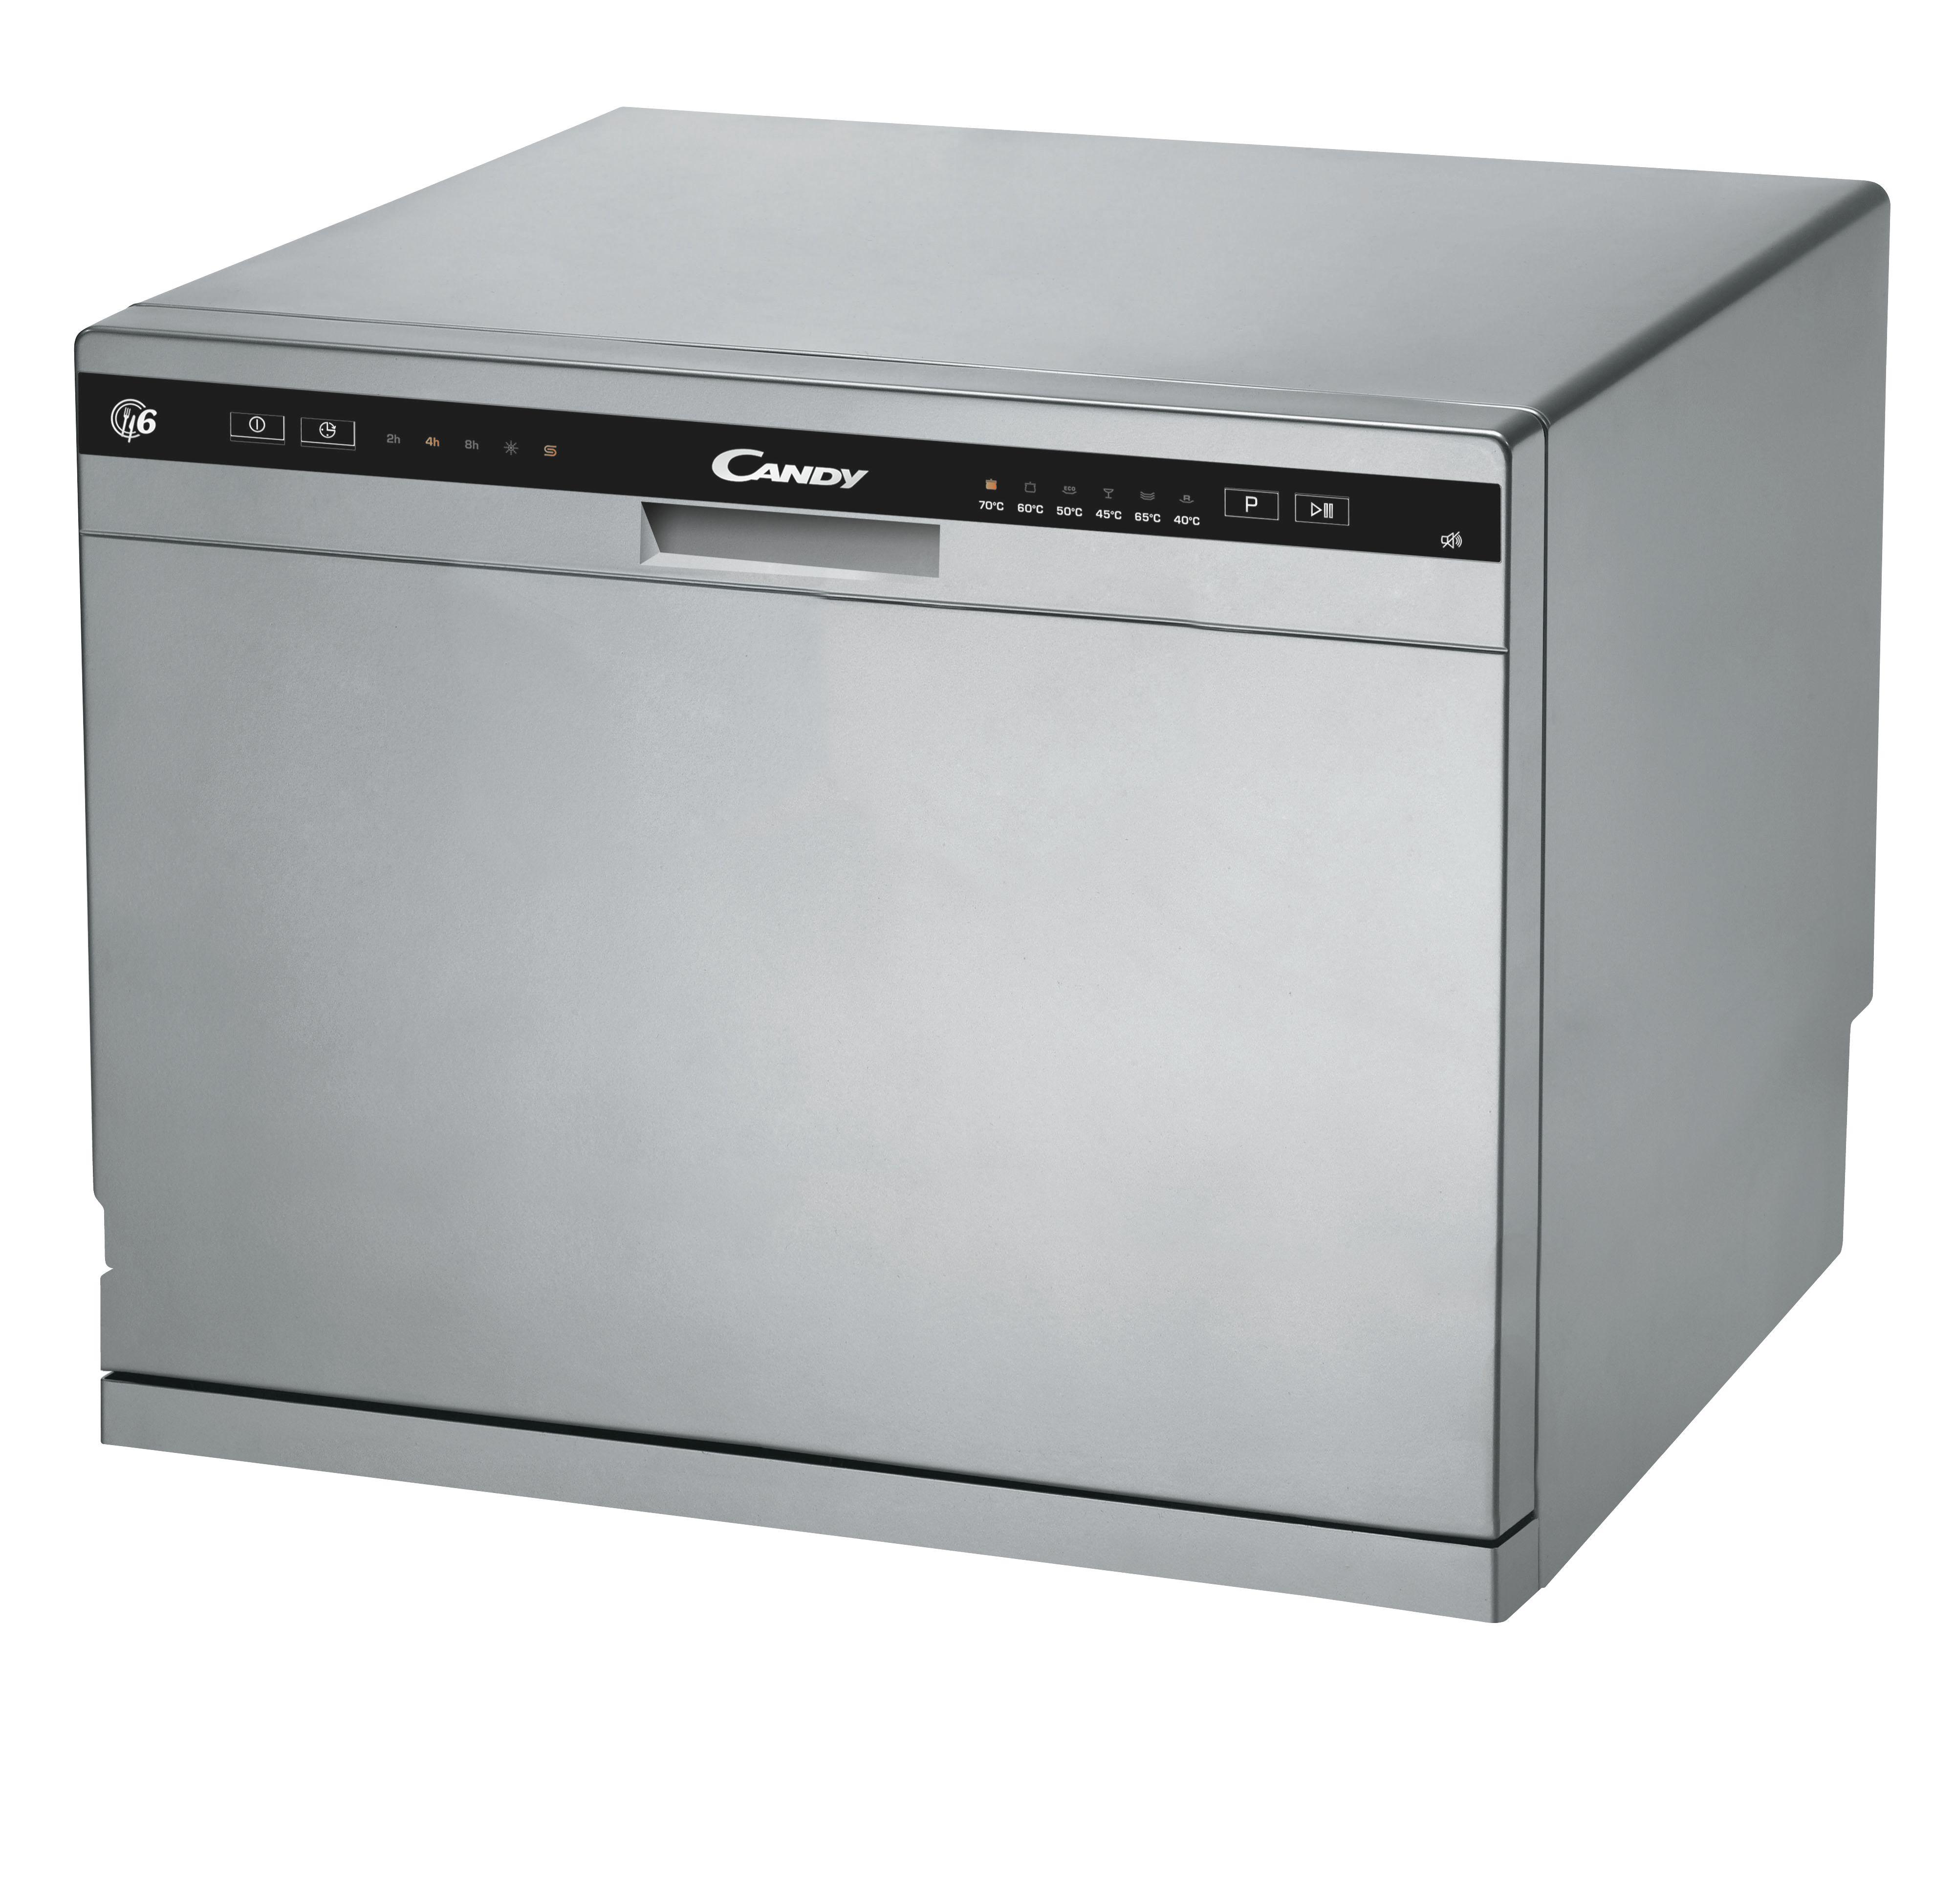 Candy CDCP 6S asztali mosogatógép